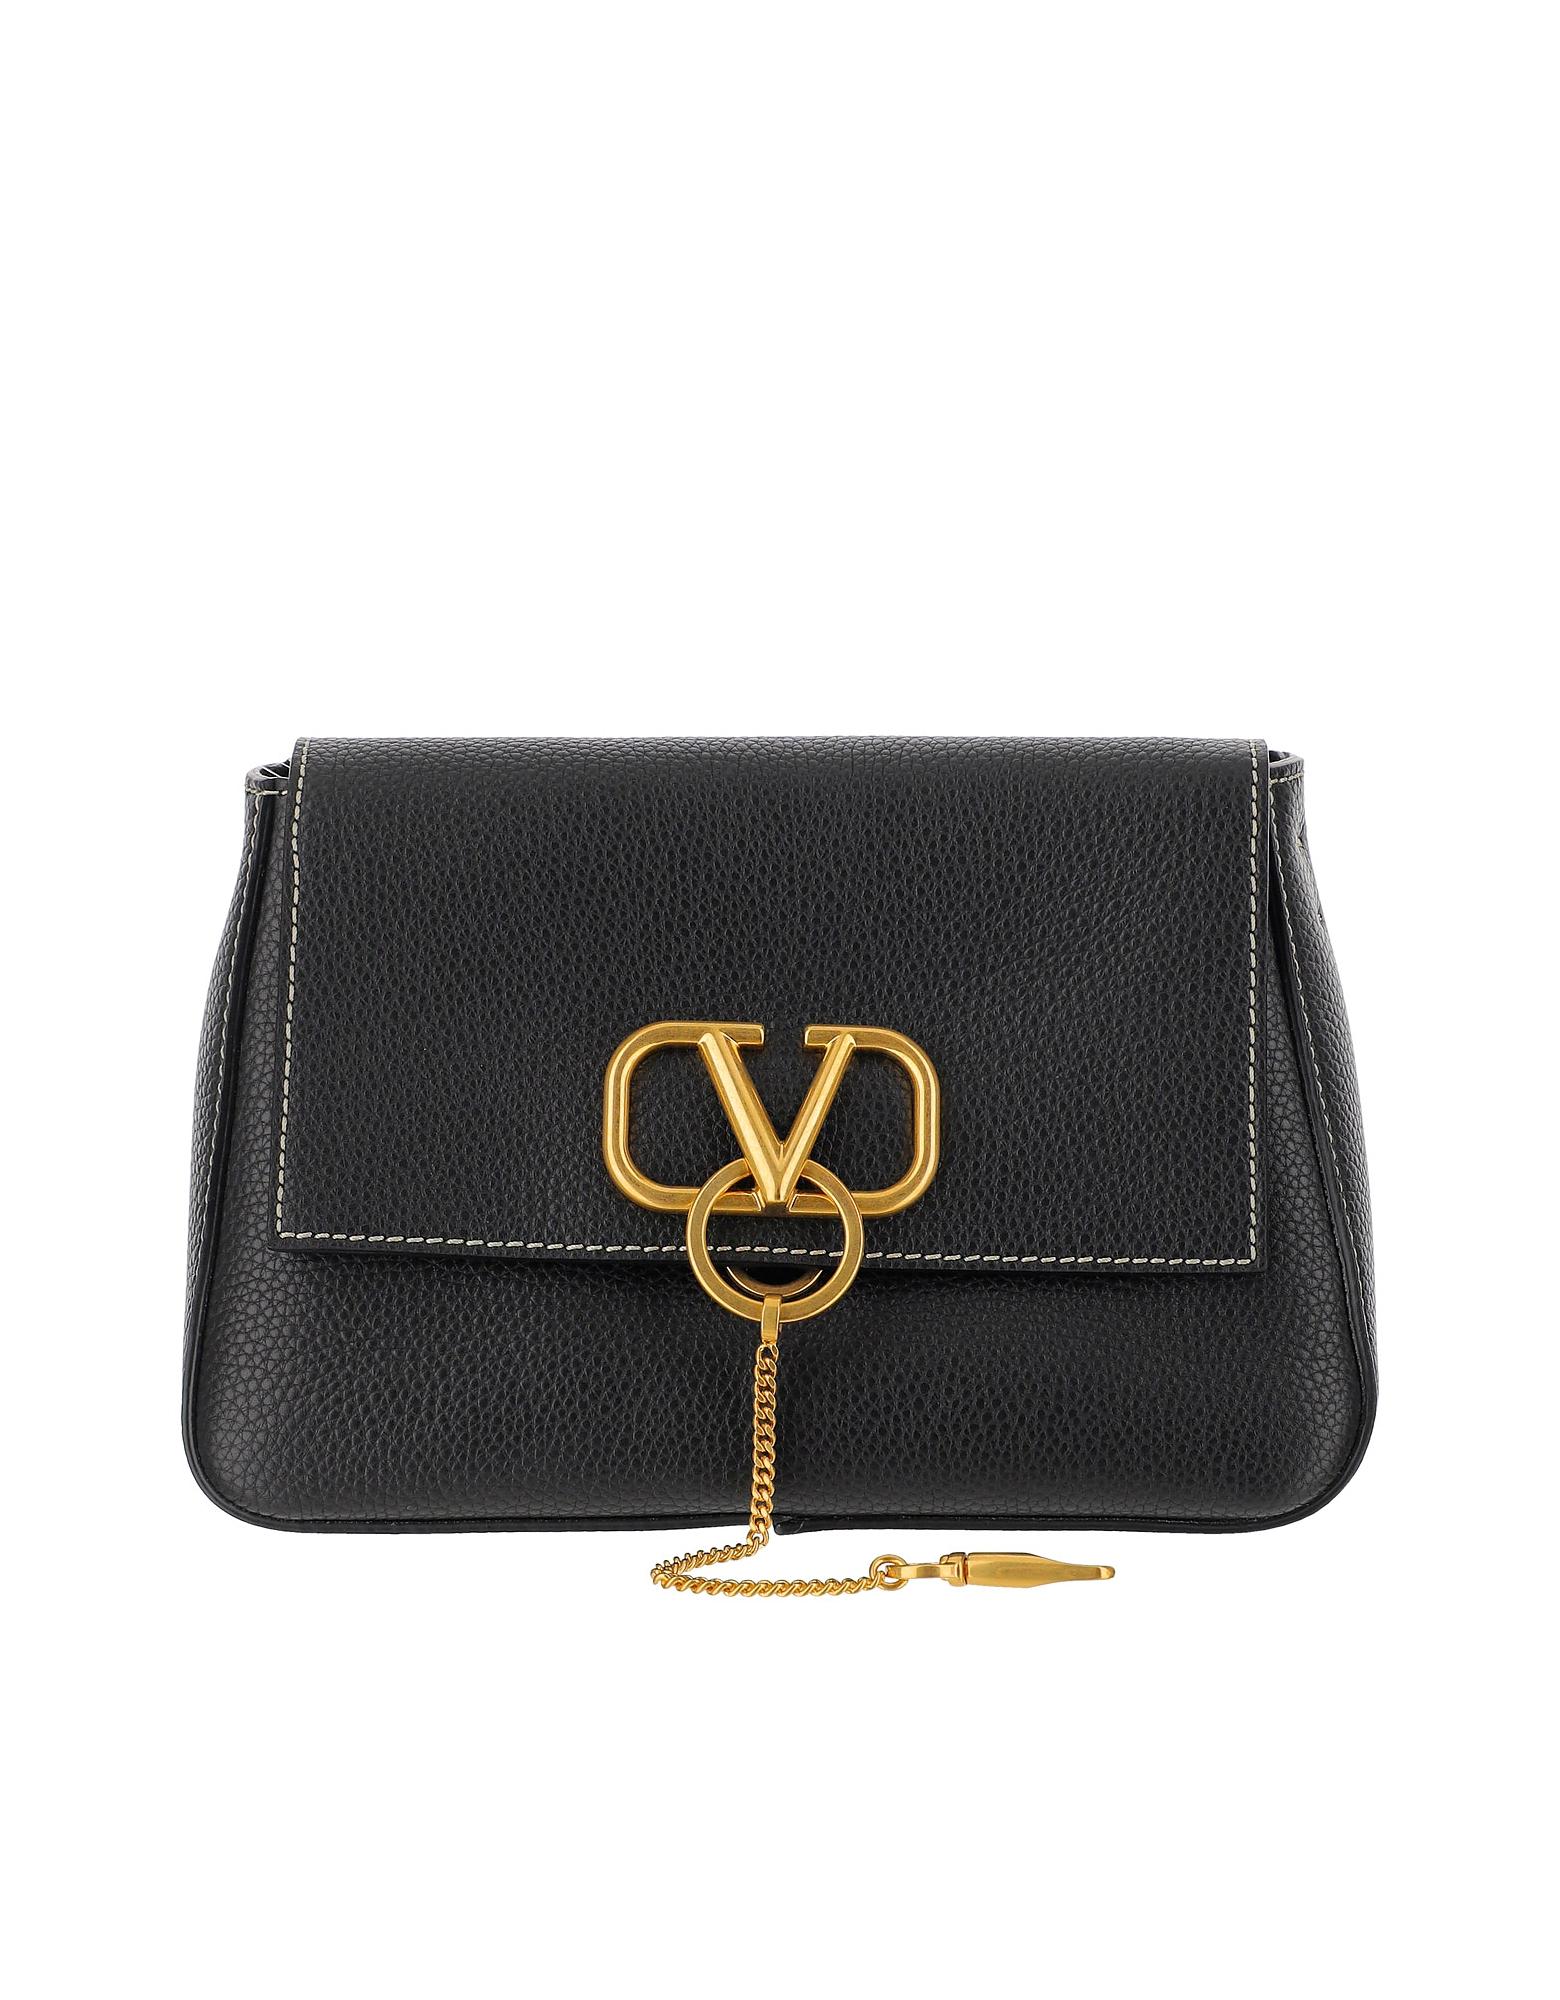 Valentino Designer Handbags, Black Leather VLogo Shoulder Bag